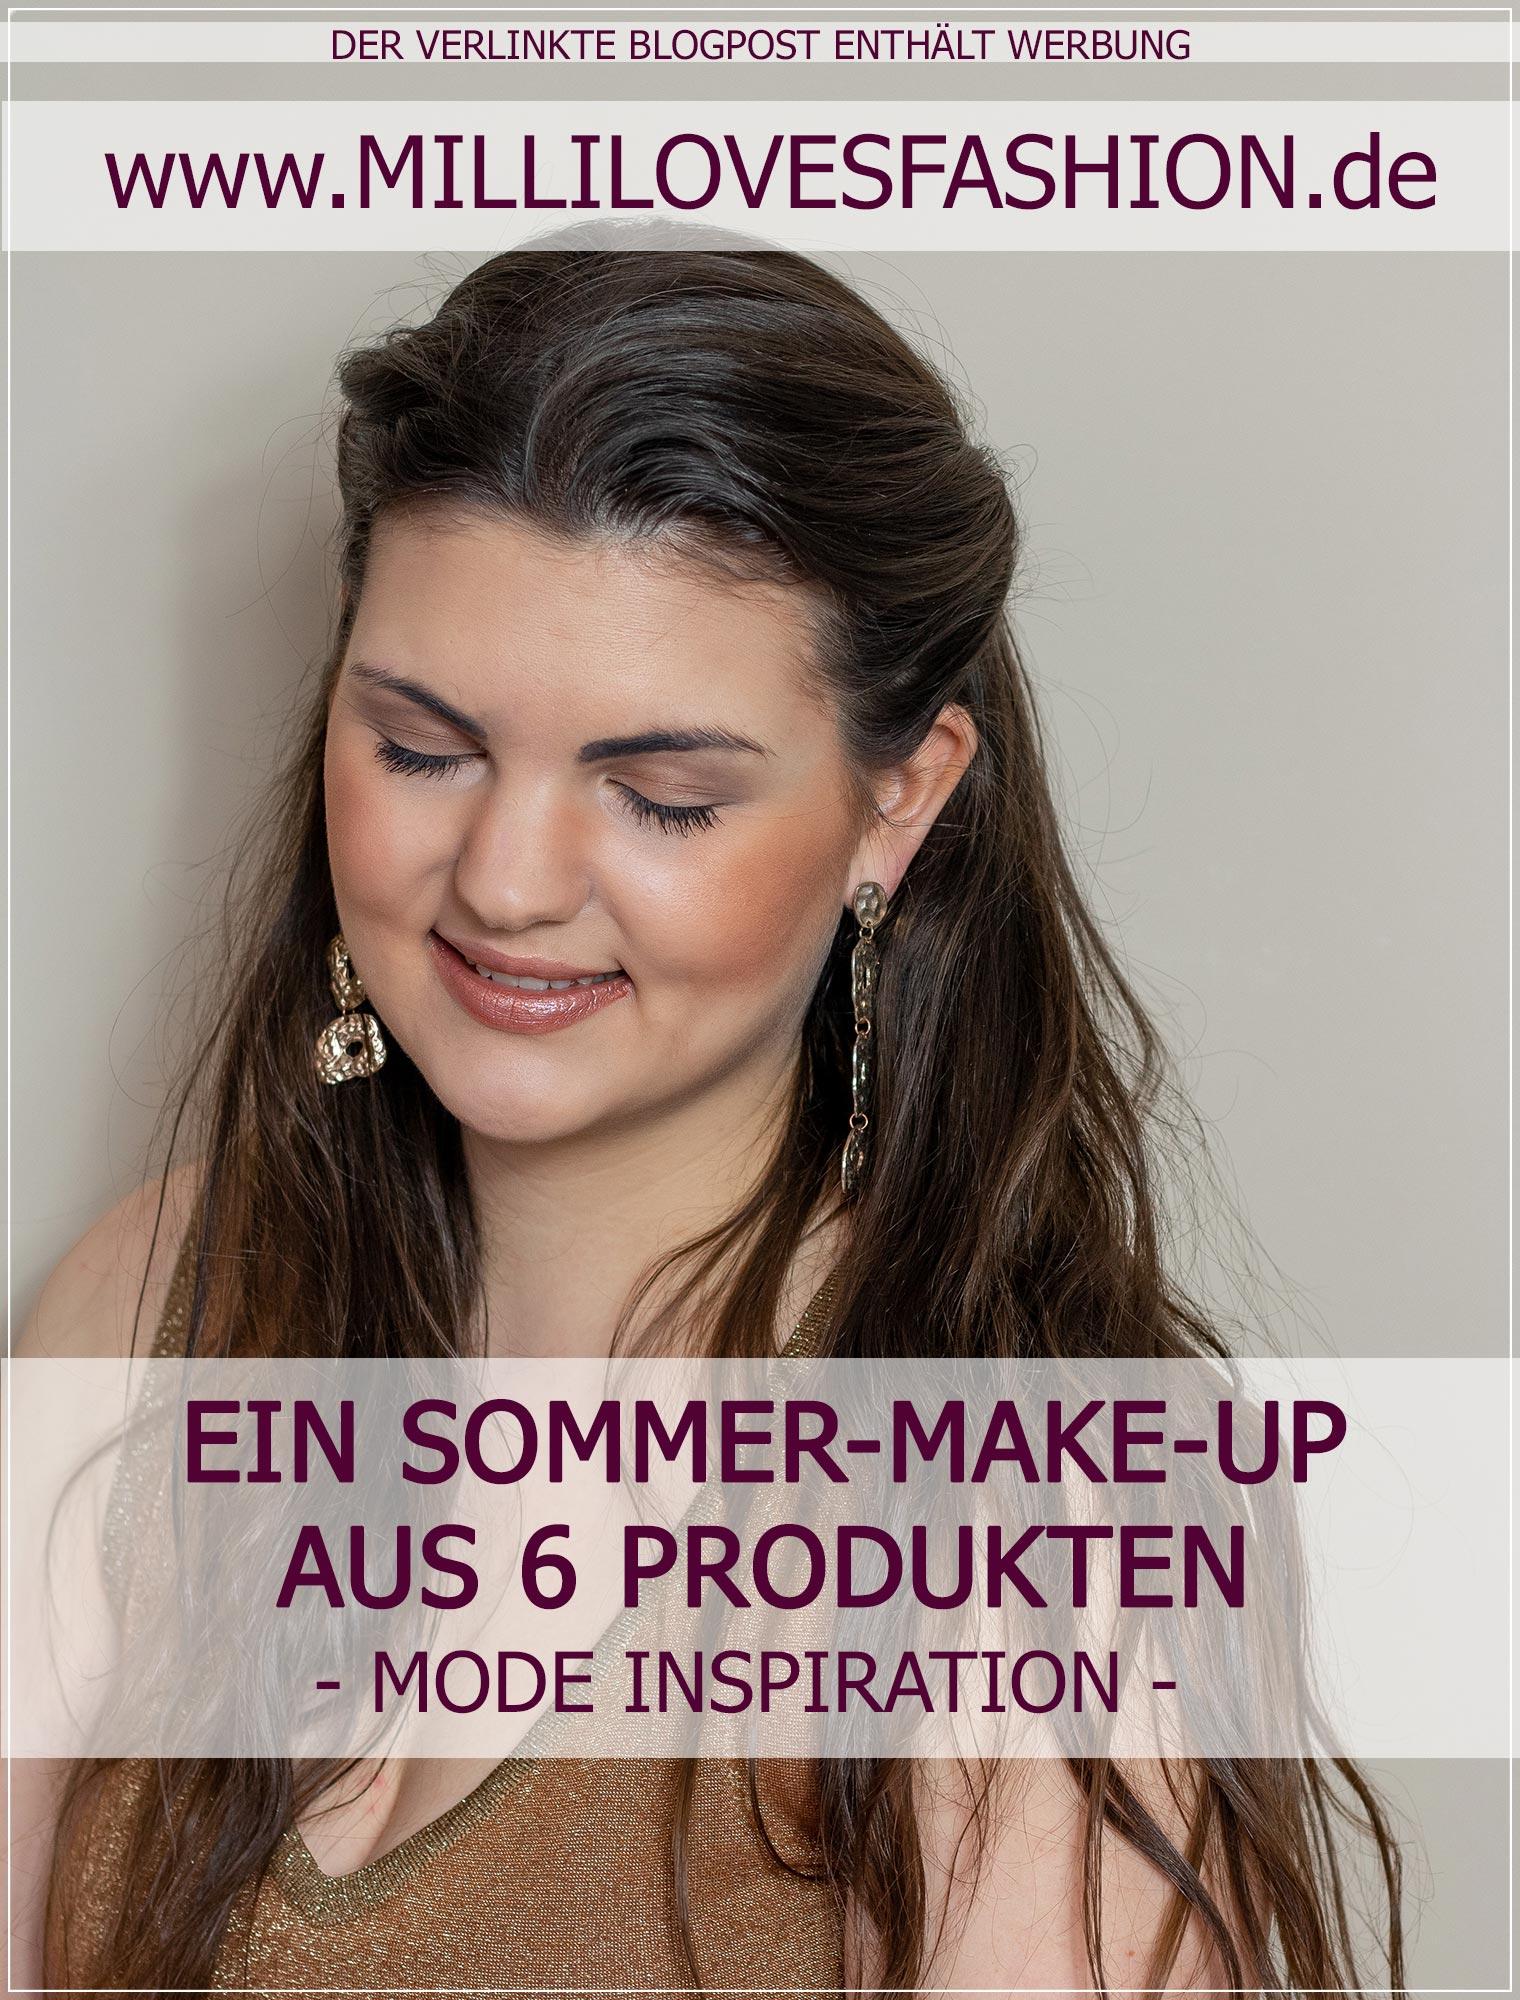 Sommer-Make-Up aus sechs verschiedenen Make-Up-Produkten